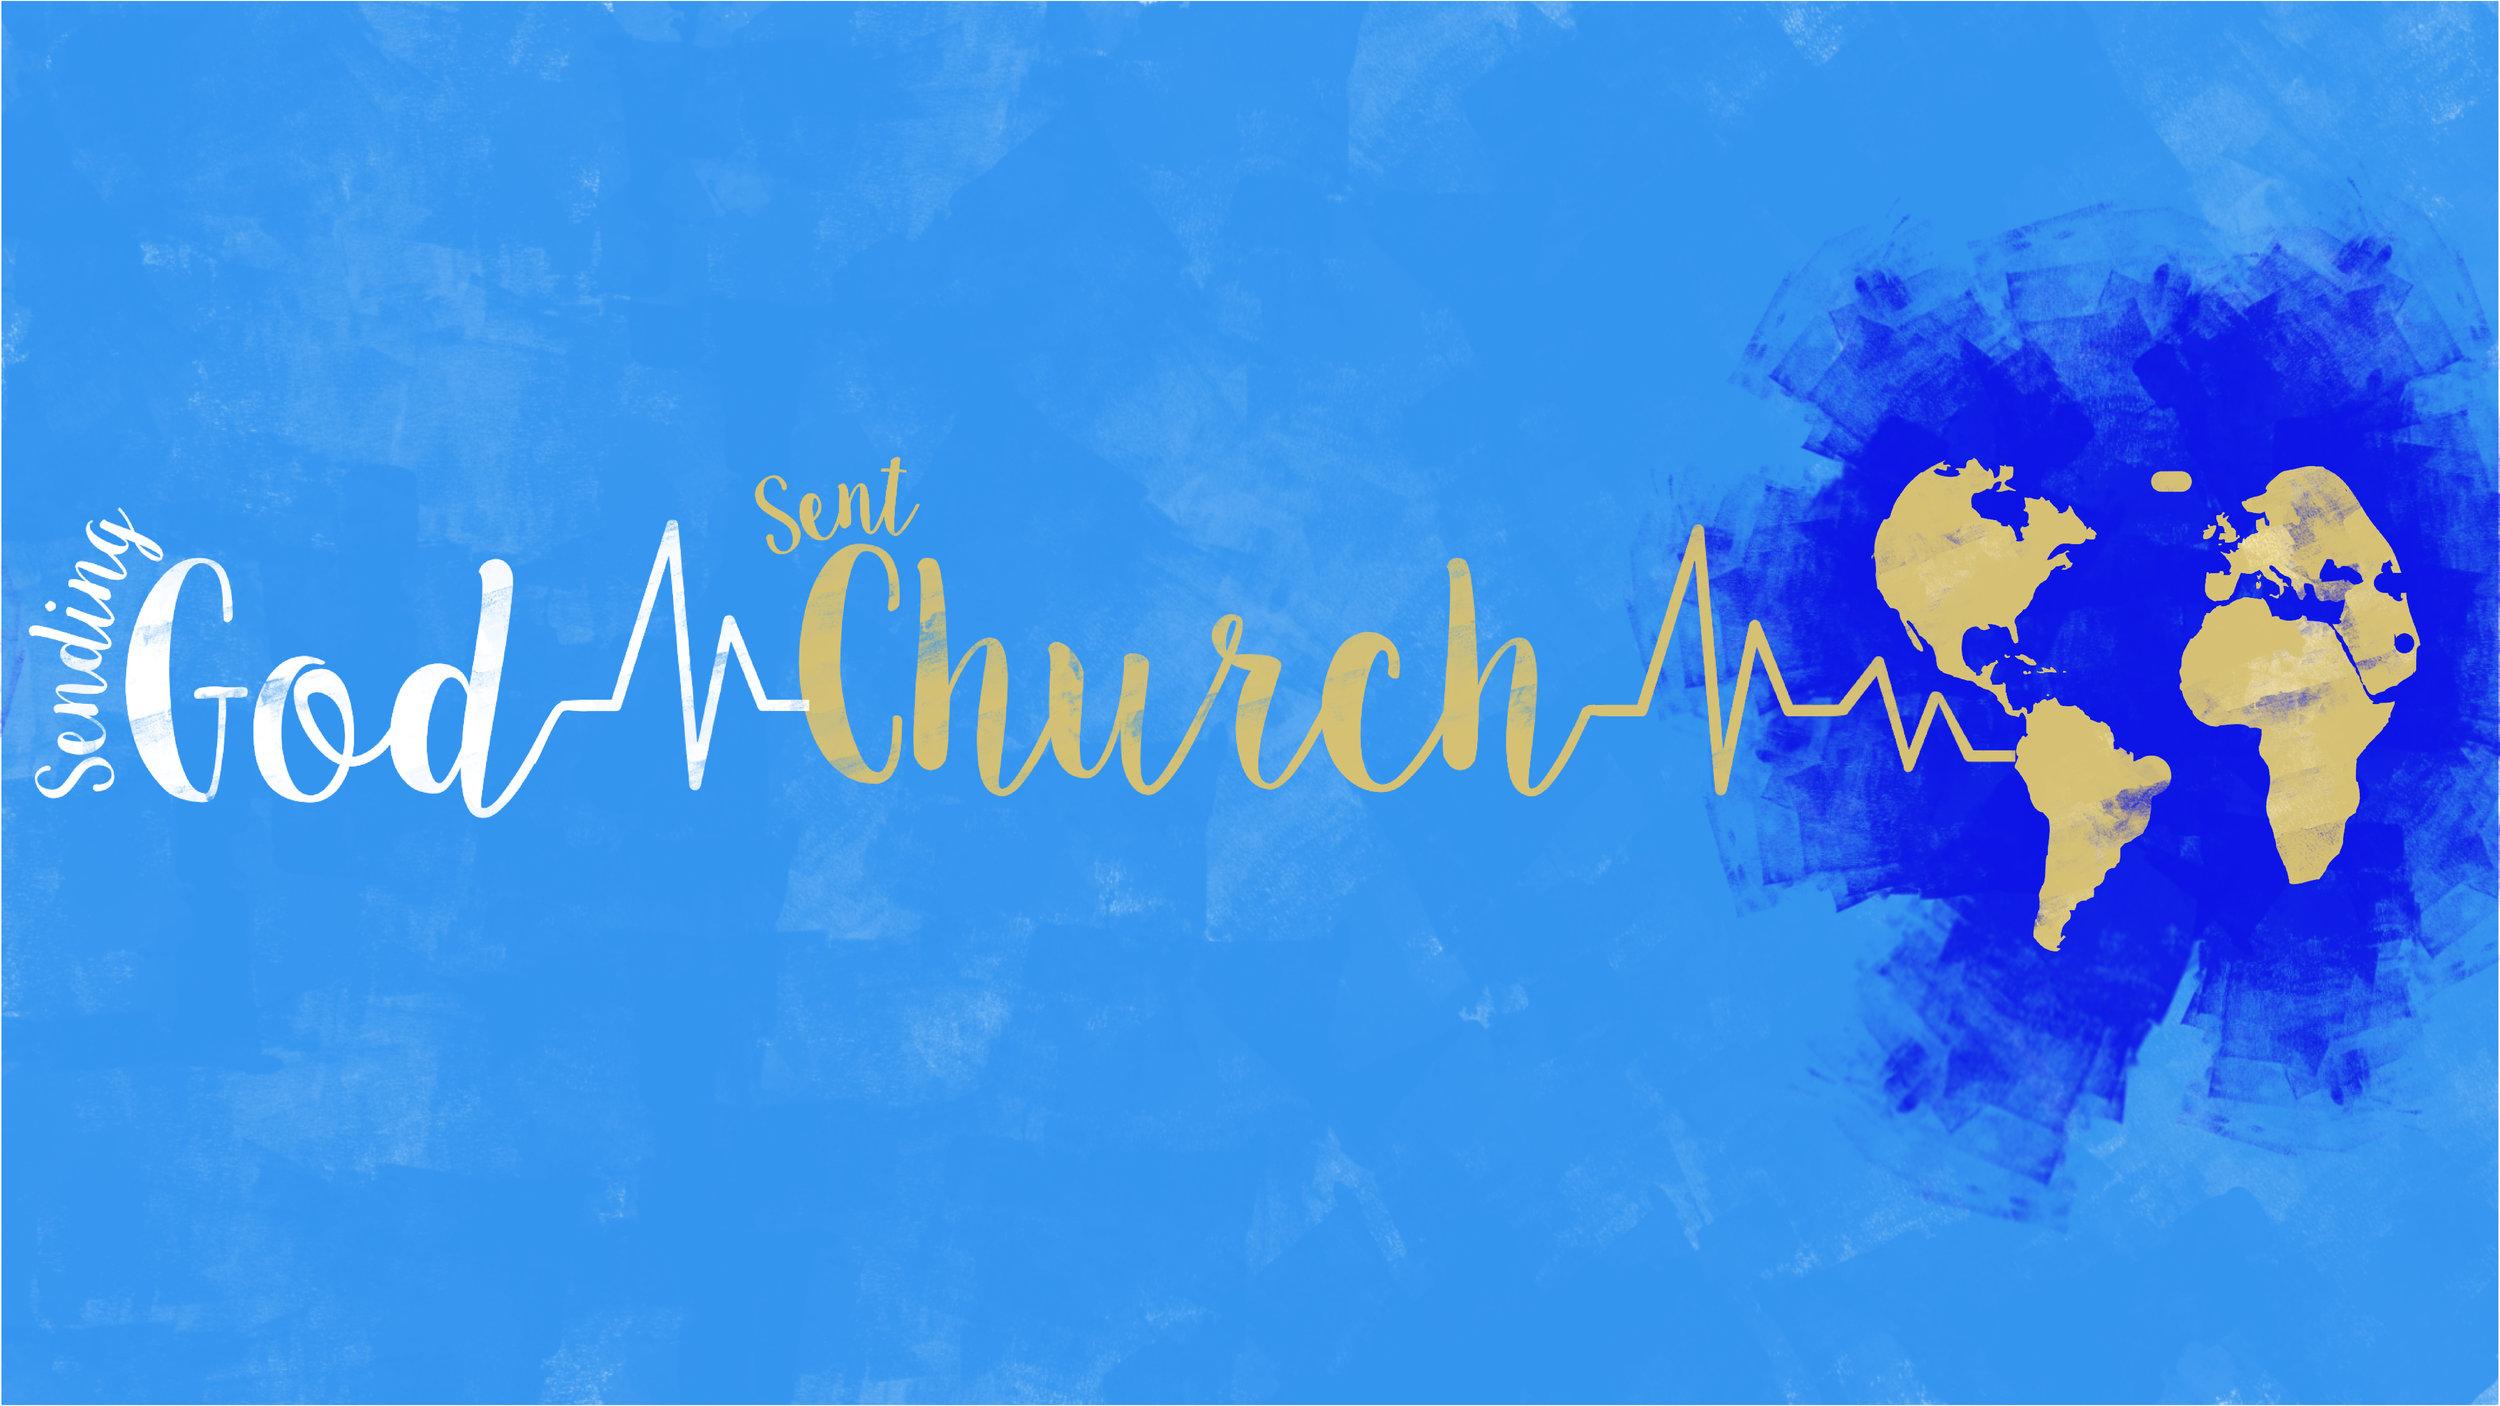 Sending God Sent Church Slide-10.jpg